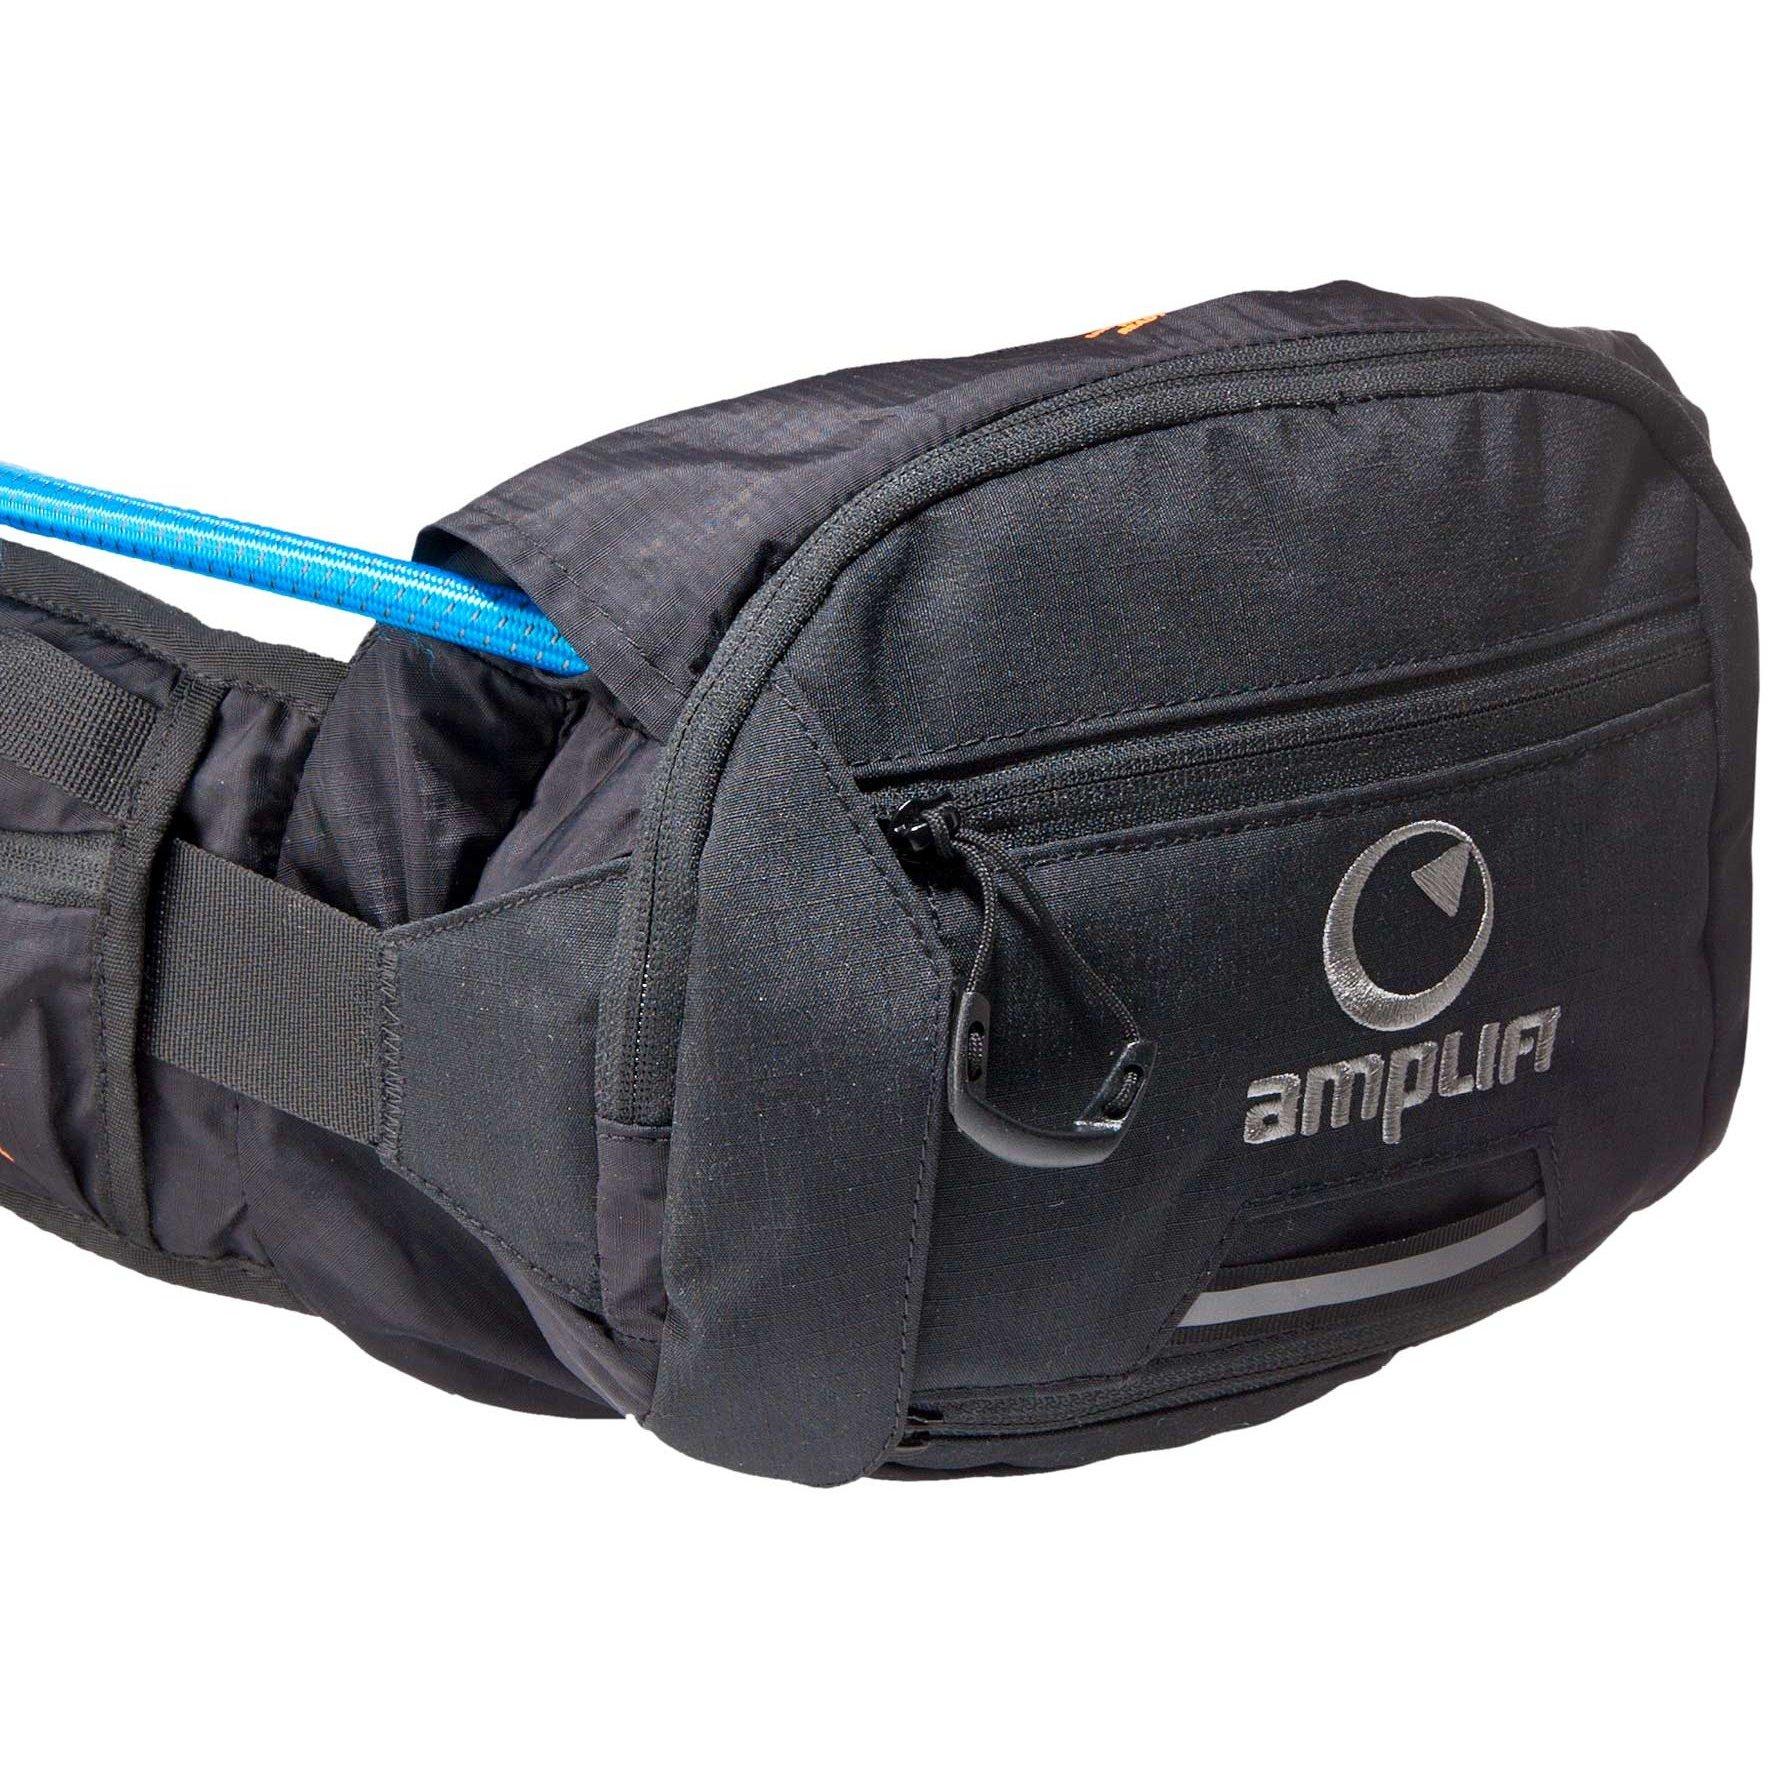 Amplifi Hipster4 Waist Pack - black